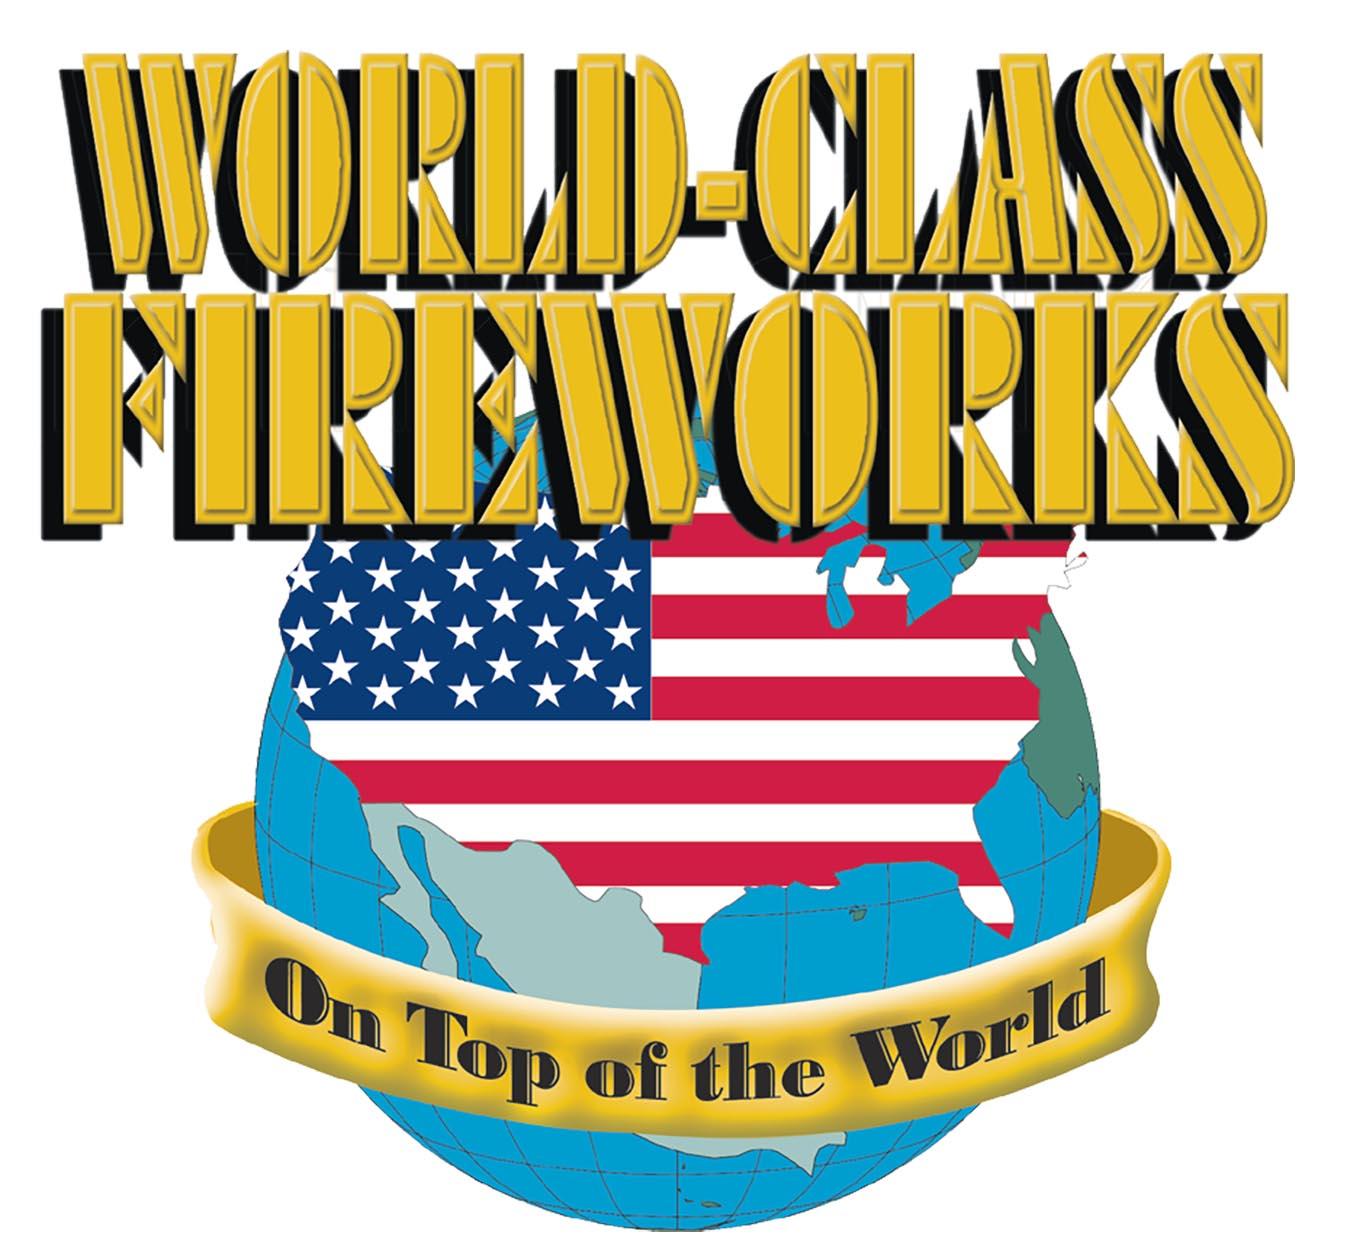 world class best fireworks brand logo